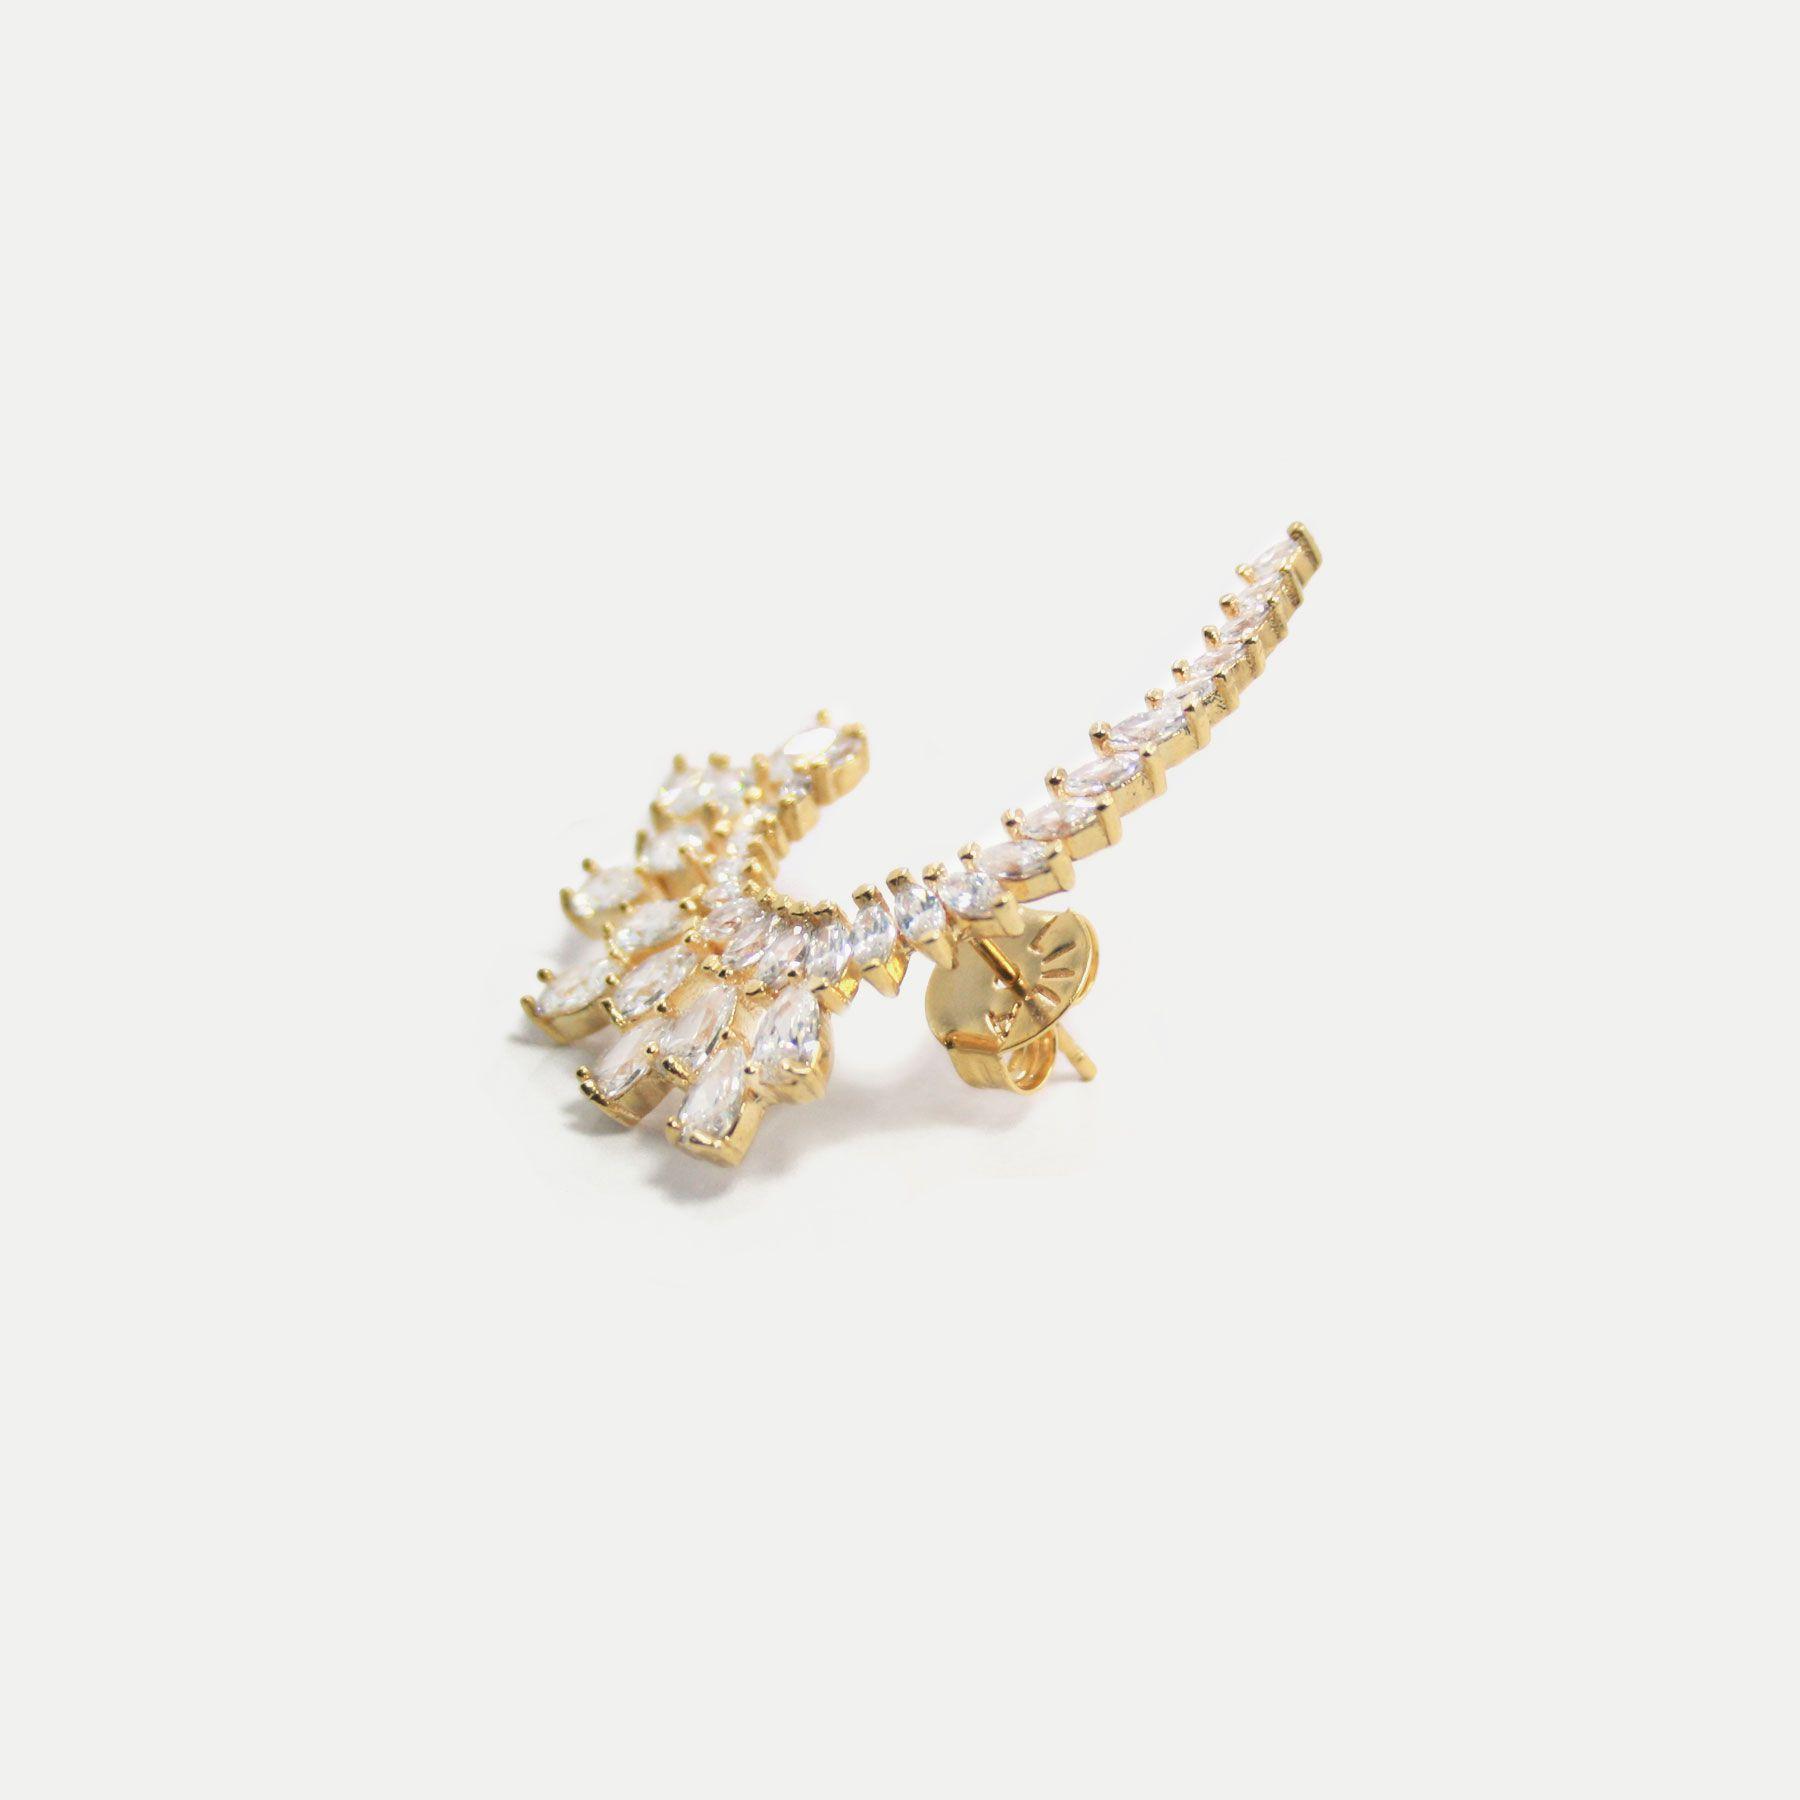 Brinco Maxi Gotas e Navetes Cristal Banhado em Ouro 18k